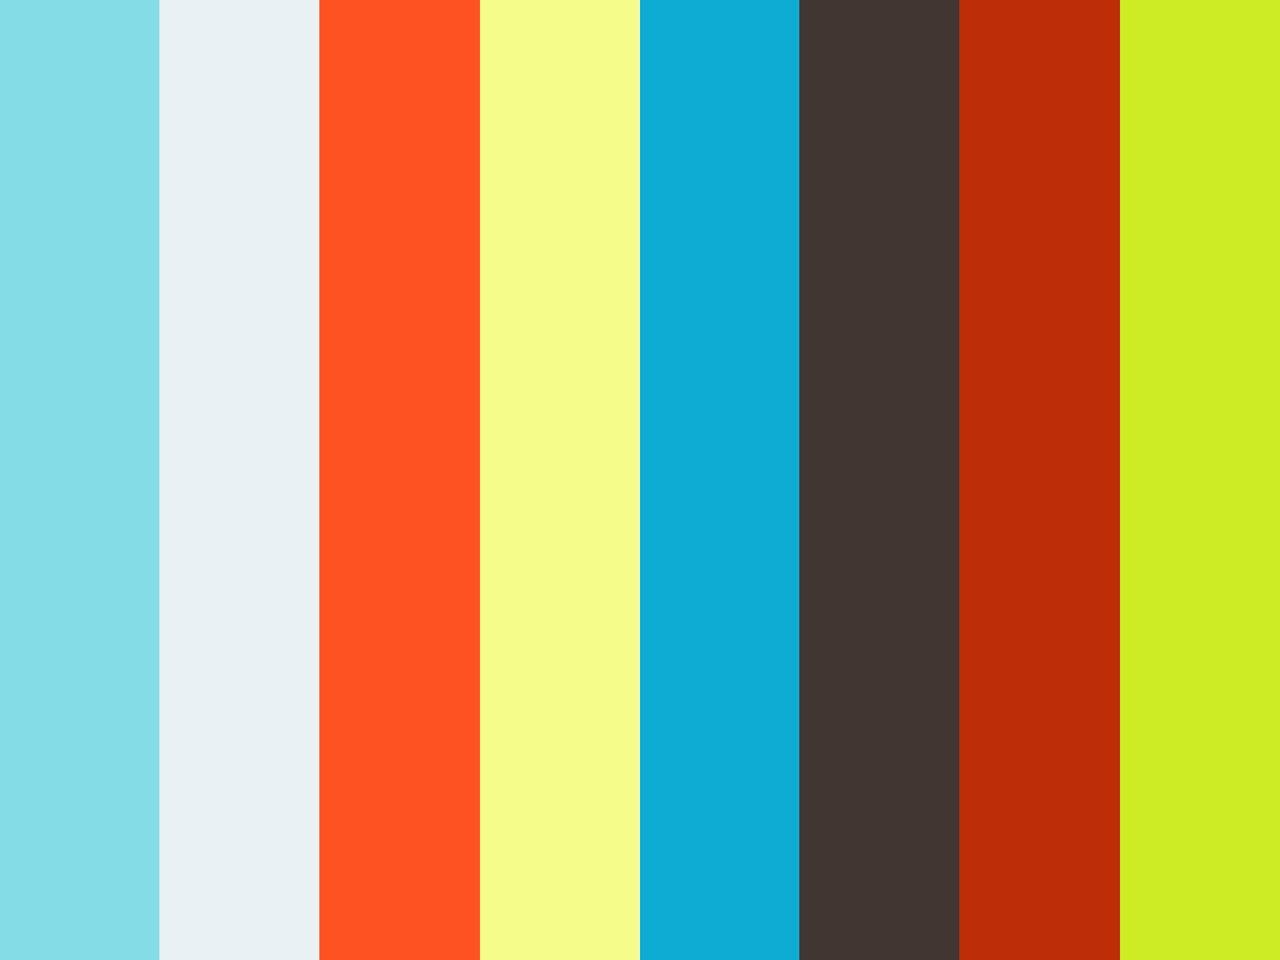 Redbull koelkast - Productvideo